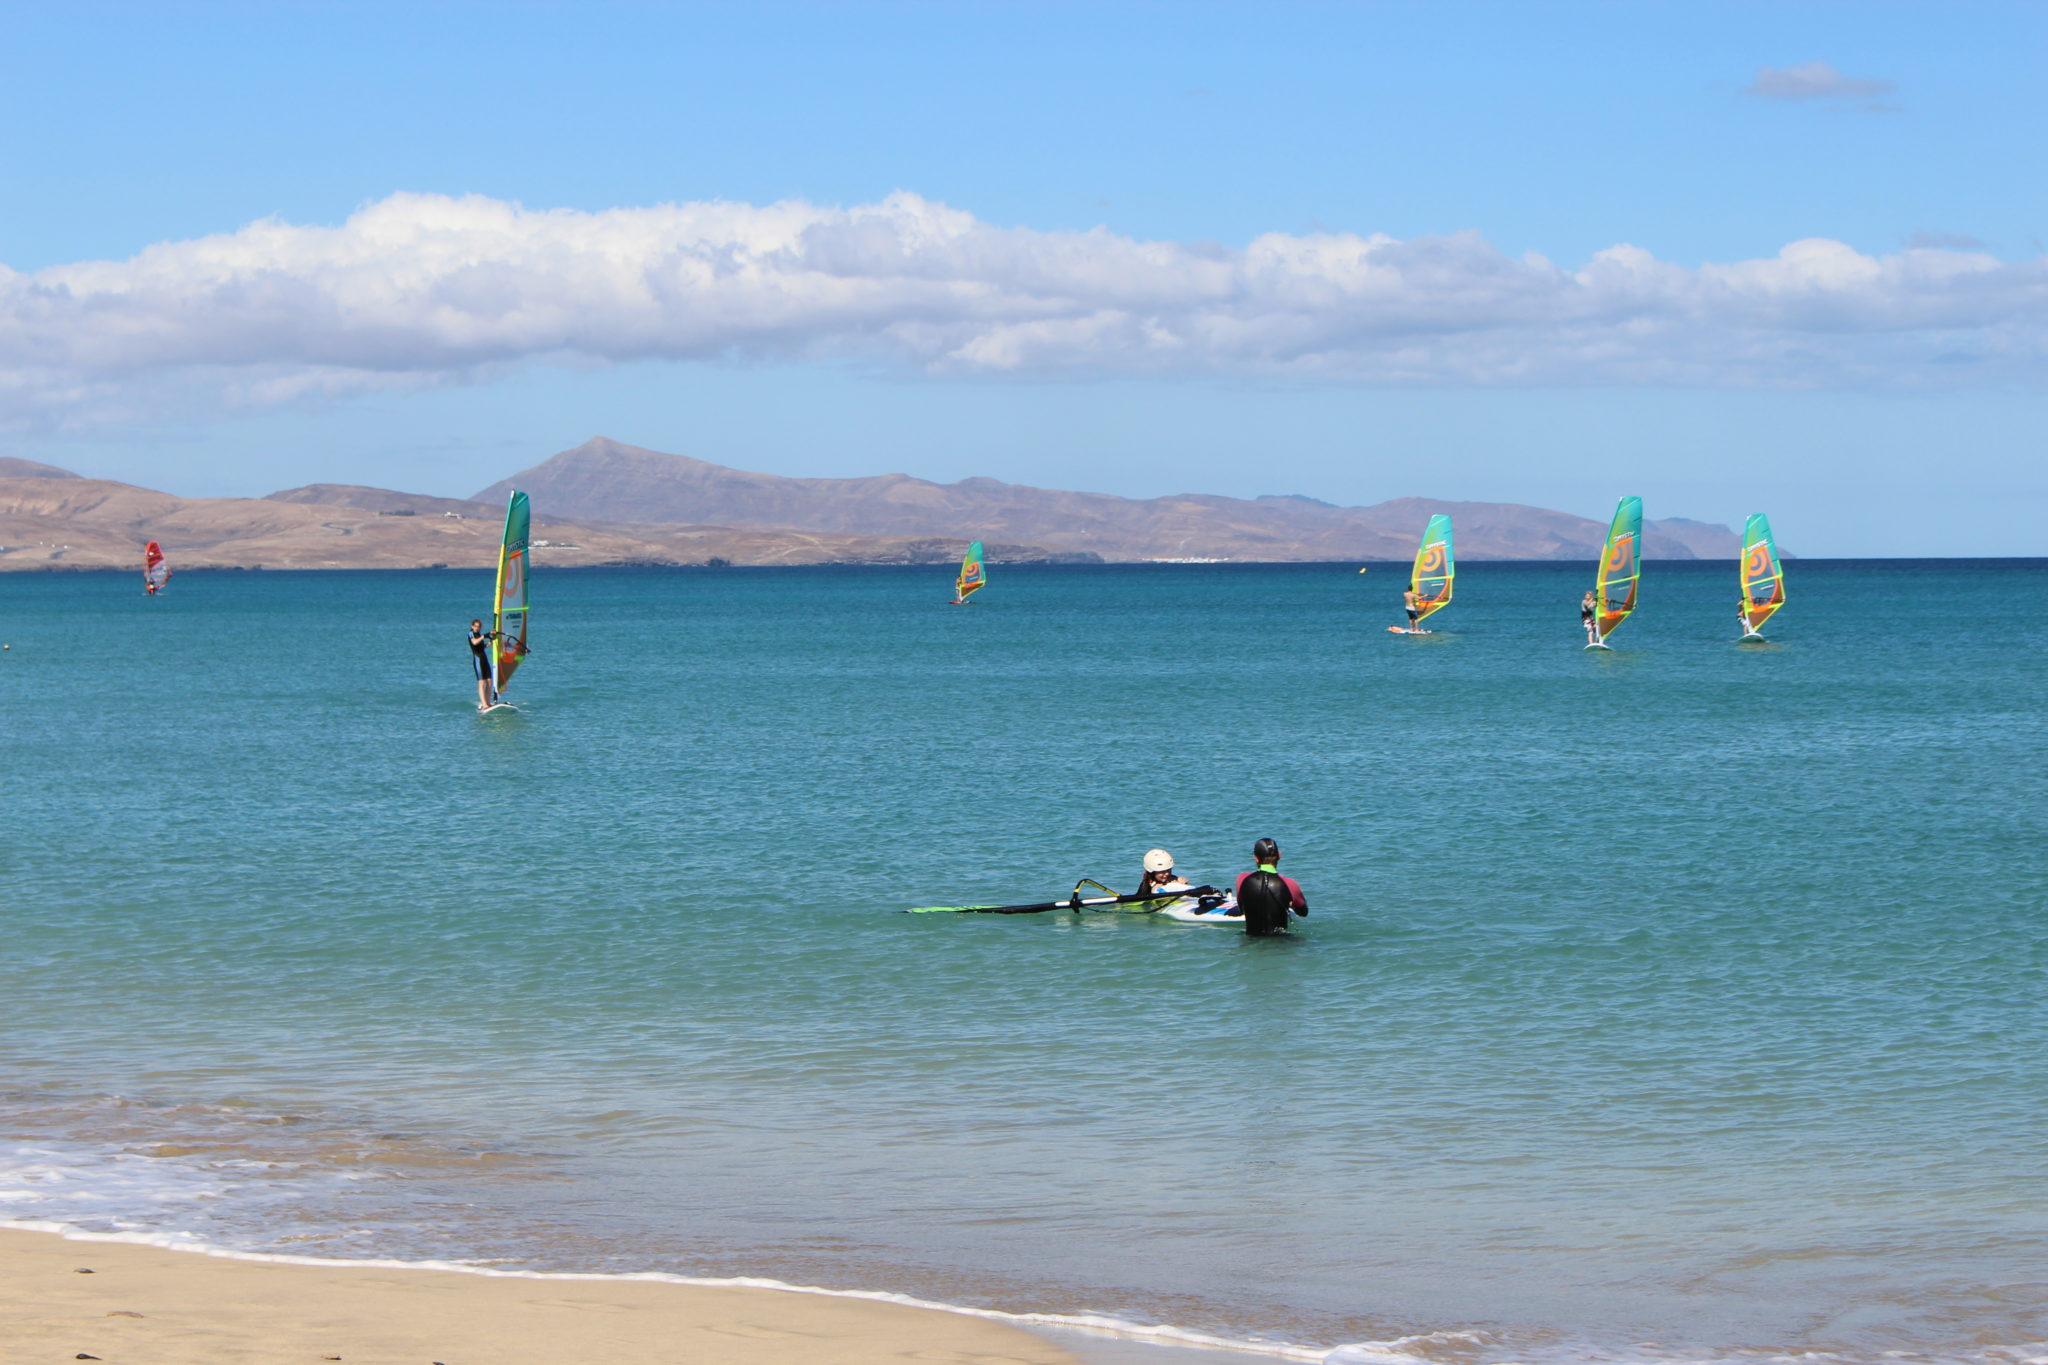 Są i windsurferzy ;)